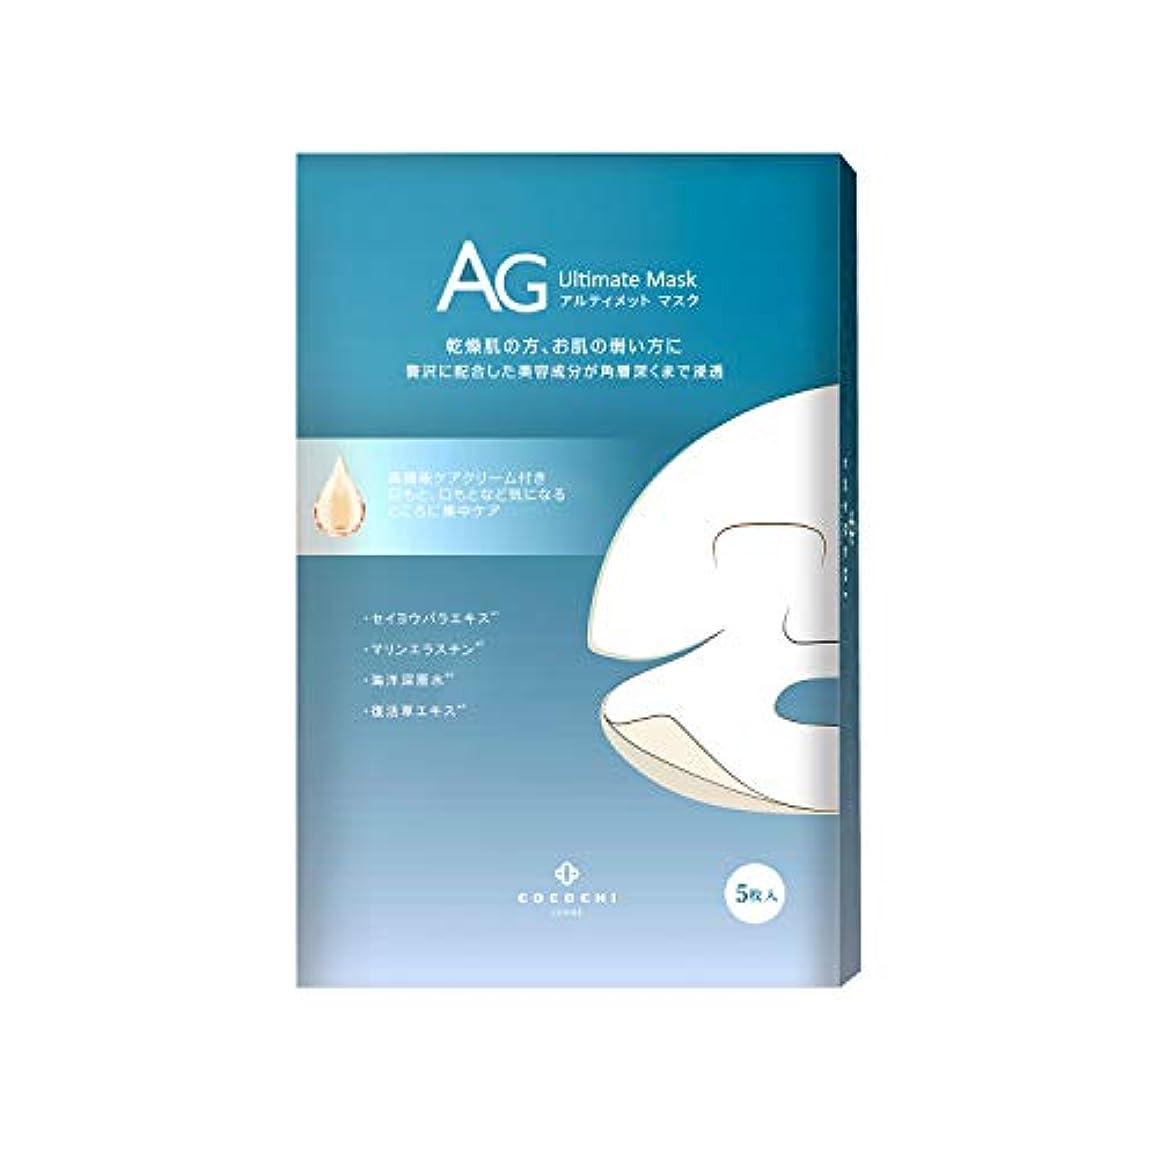 用心する求める性交エージーアルティメット(AGアルティメット) エージーアルティメットオーシャンマスク フェイスマスク 5